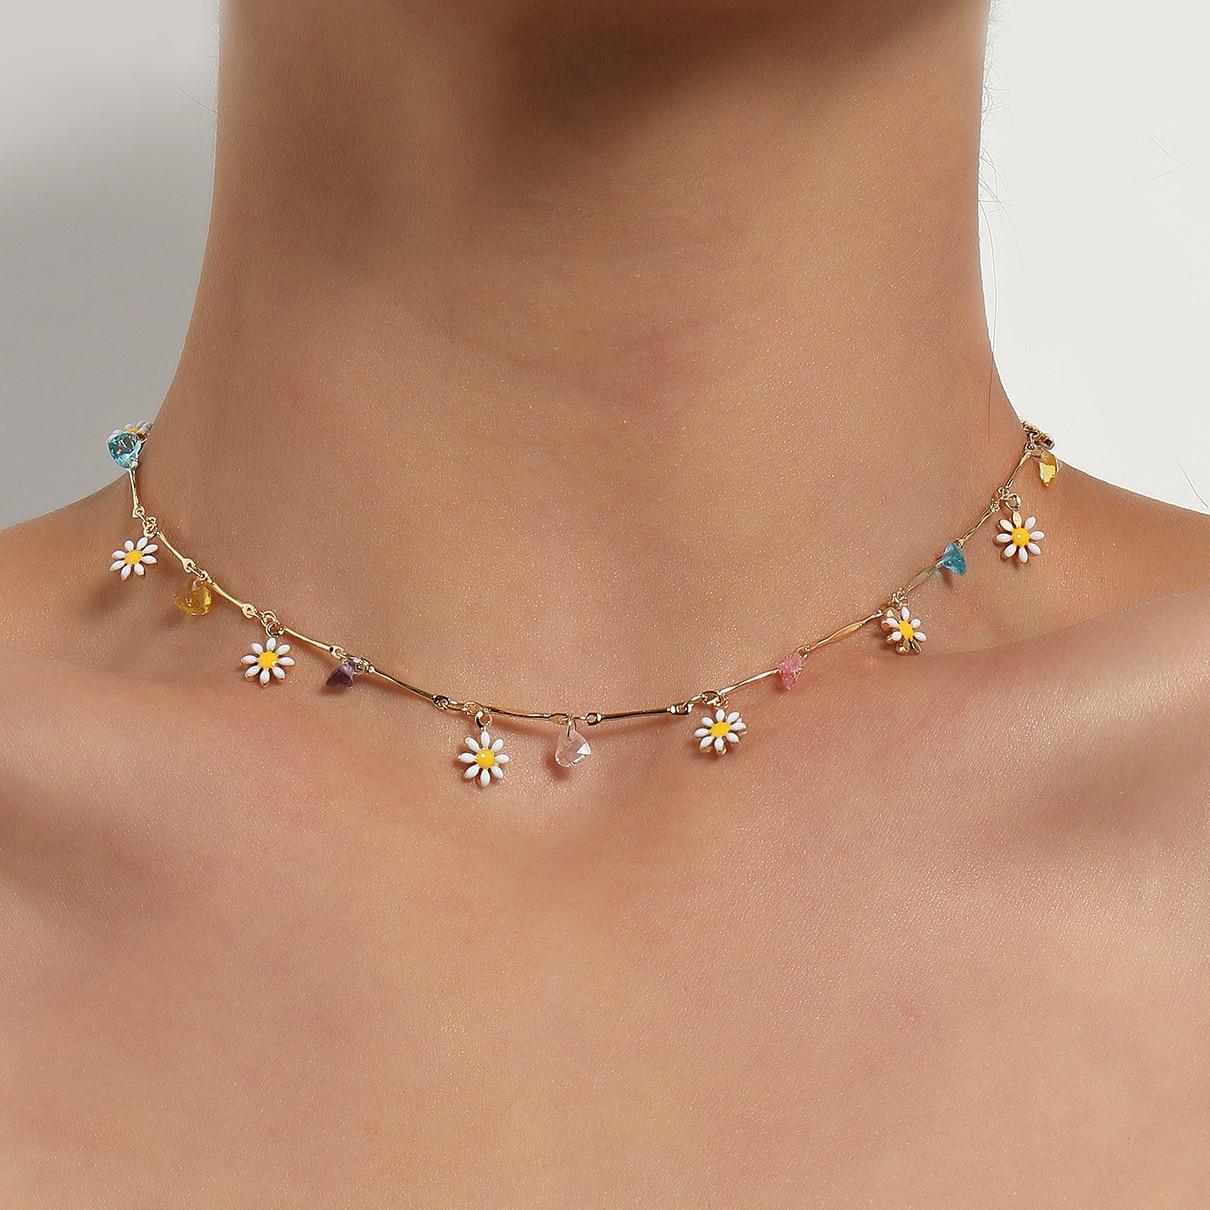 Новые корейские милые цветы ромашки разноцветные бусы браслеты с подвесками заявление короткое колье для женщин, изготовлено вручную укра...